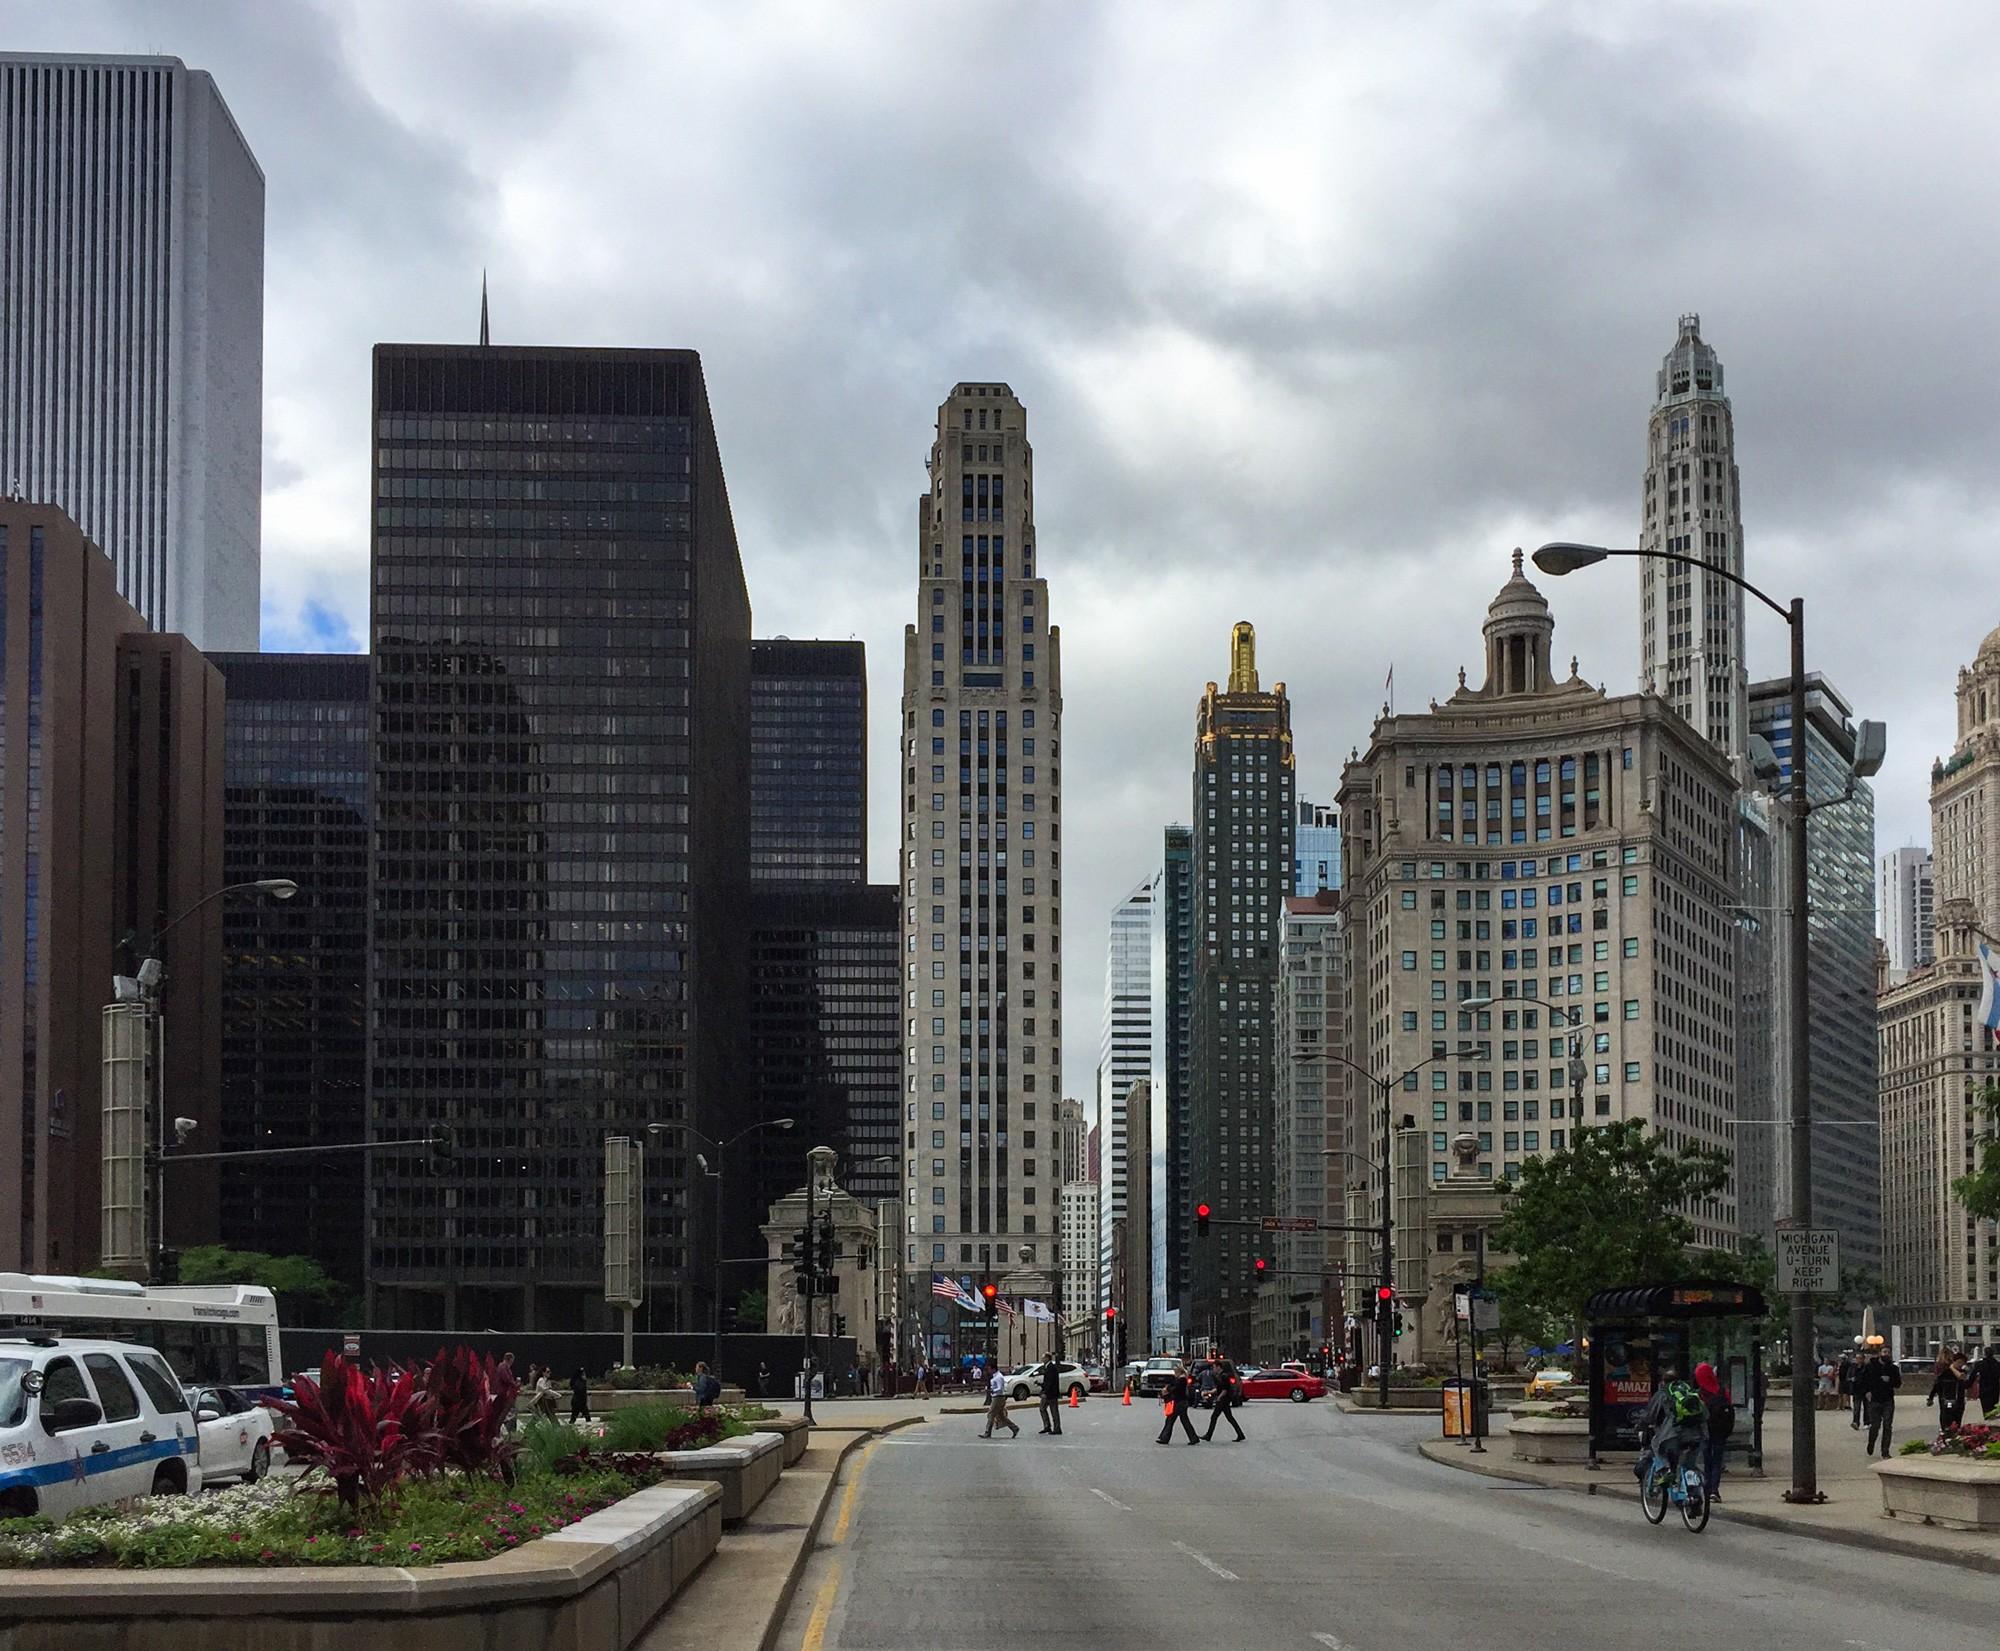 chicago - photo #22